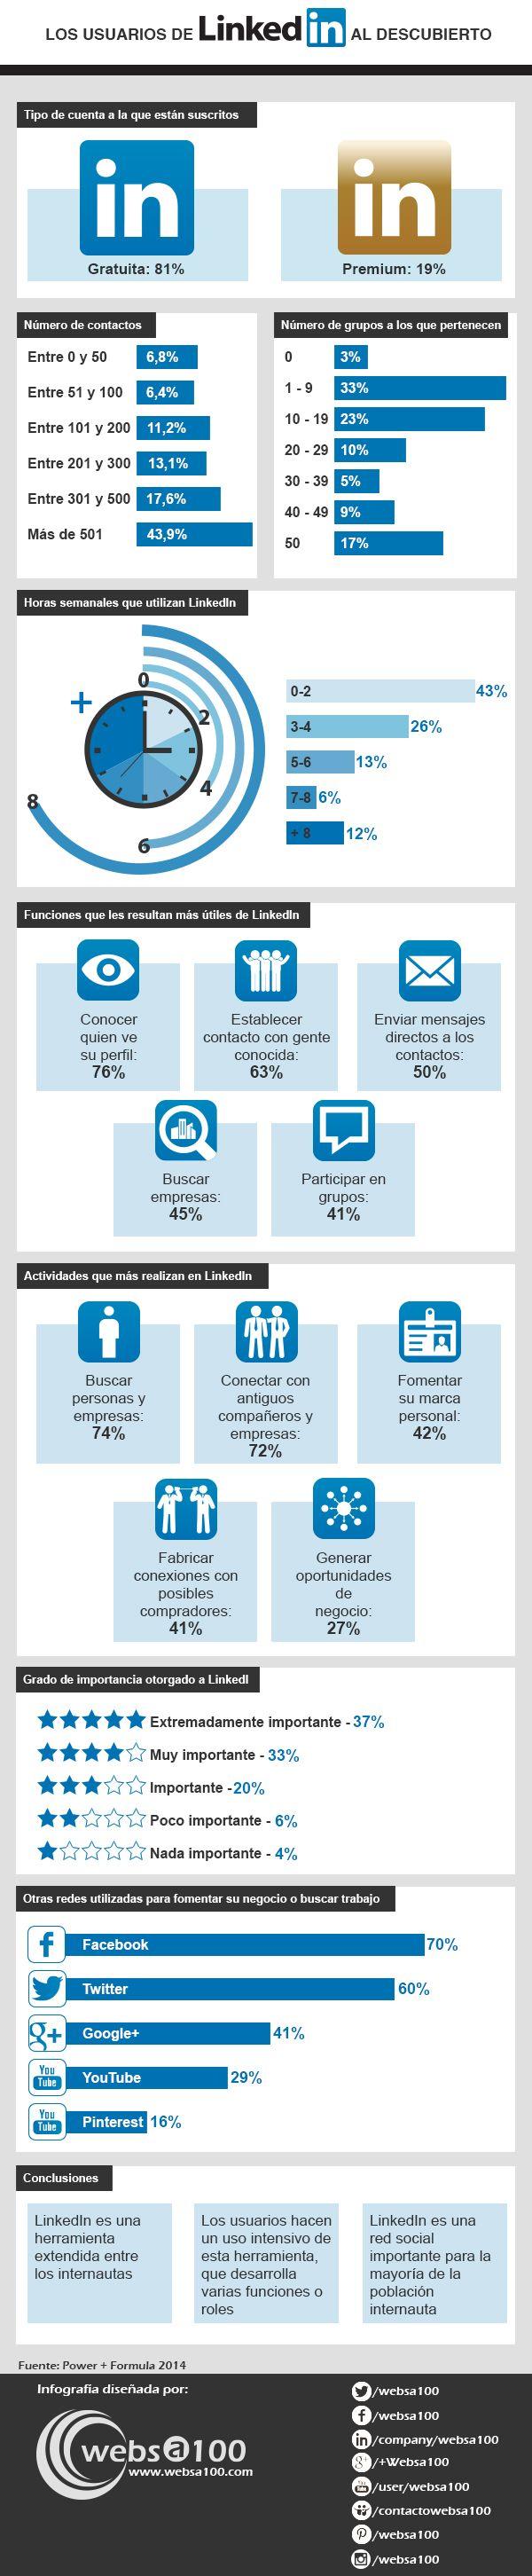 Cómo se comportan los usuarios de LinkedIn